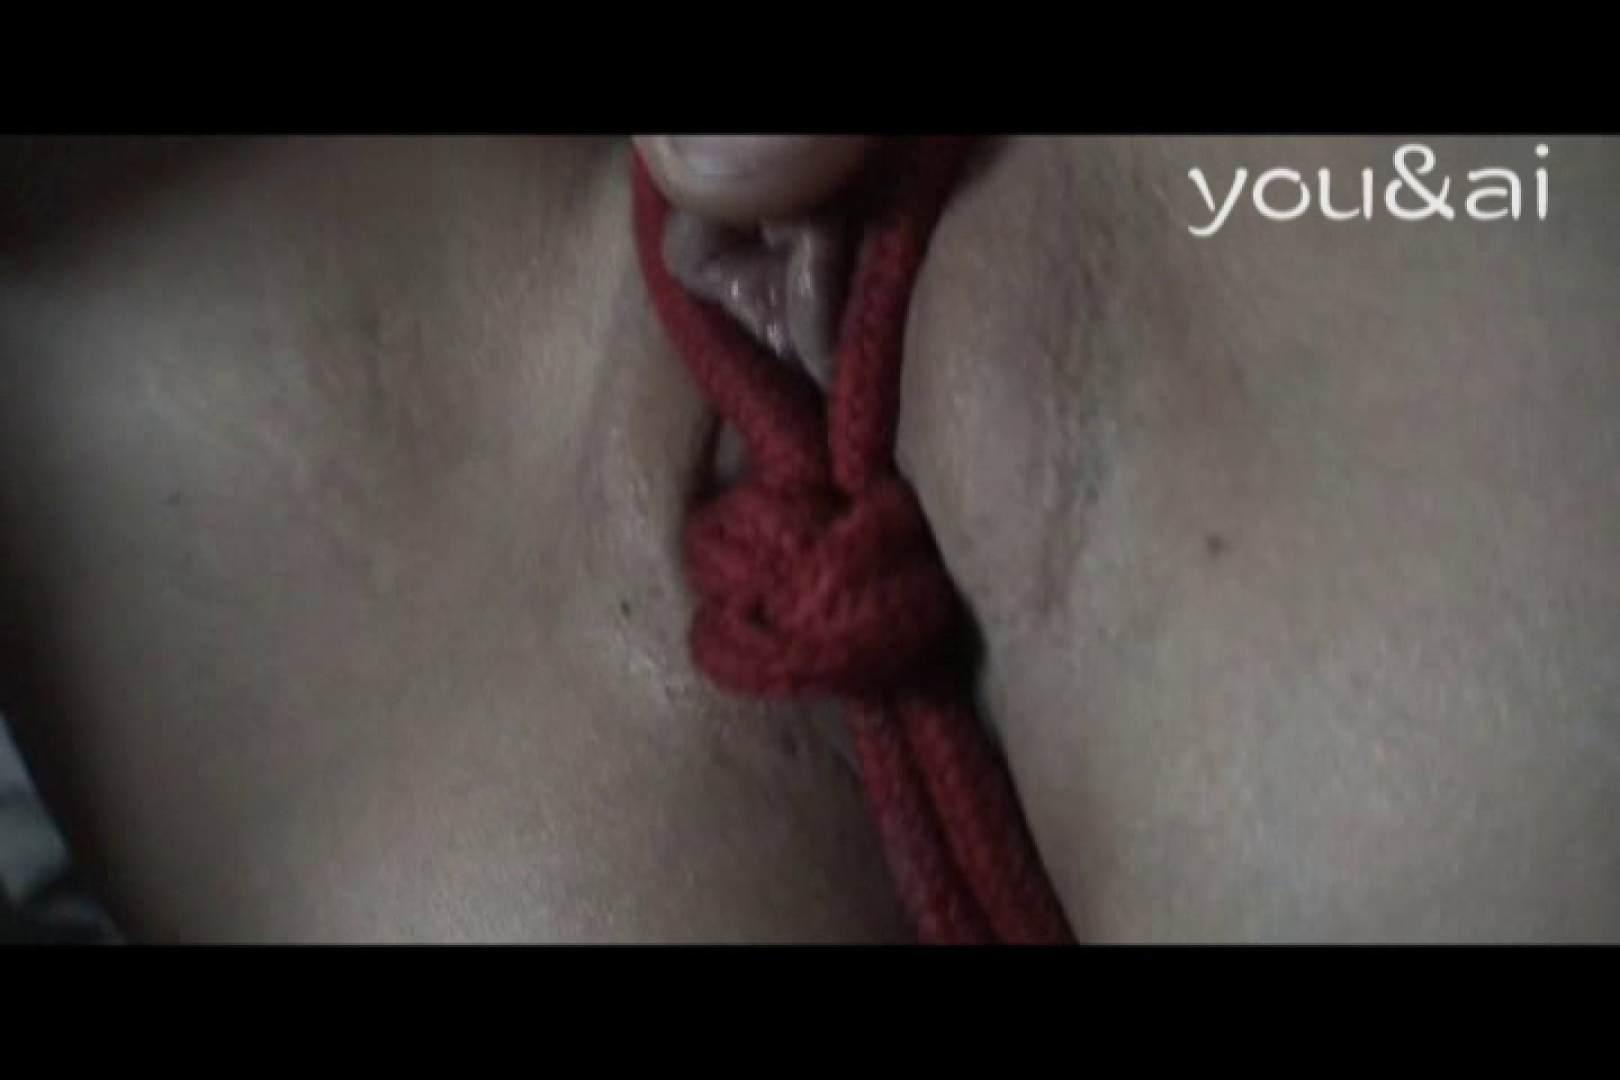 おしどり夫婦のyou&aiさん投稿作品vol.4 セックス AV動画キャプチャ 104枚 24